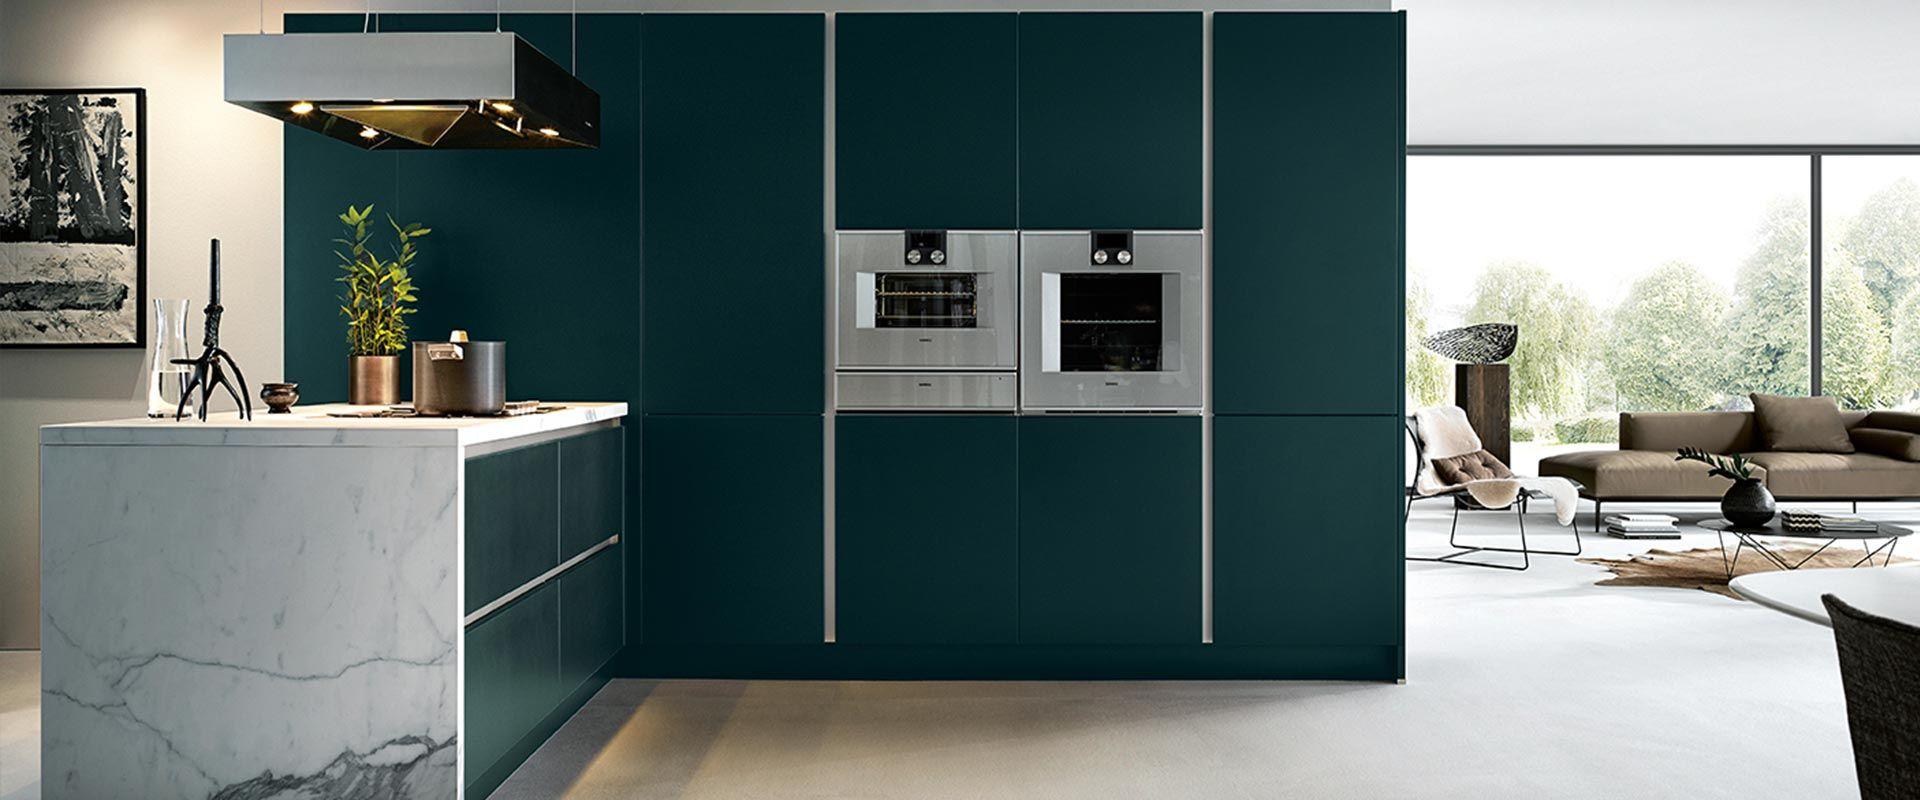 keuken jaguar groen